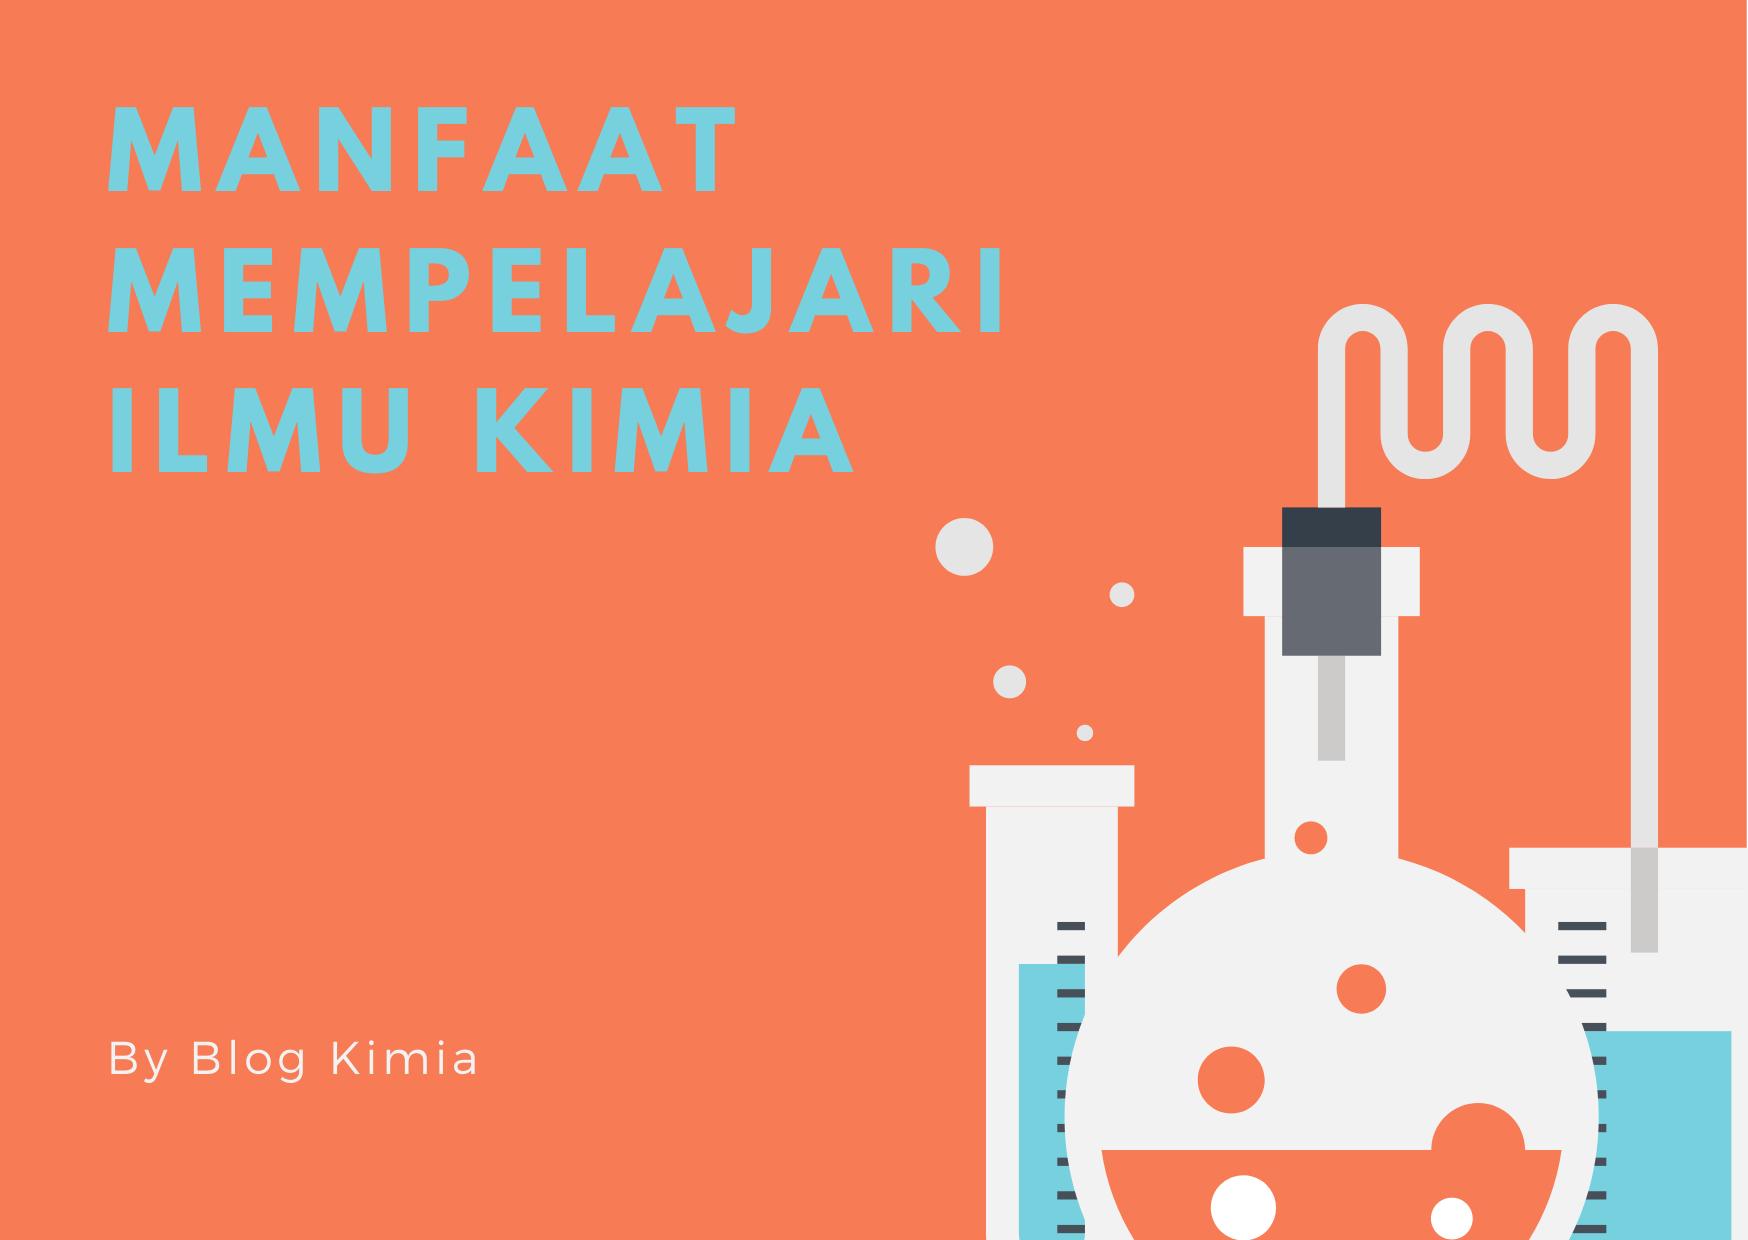 Manfaat Mempelajari Ilmu Kimia